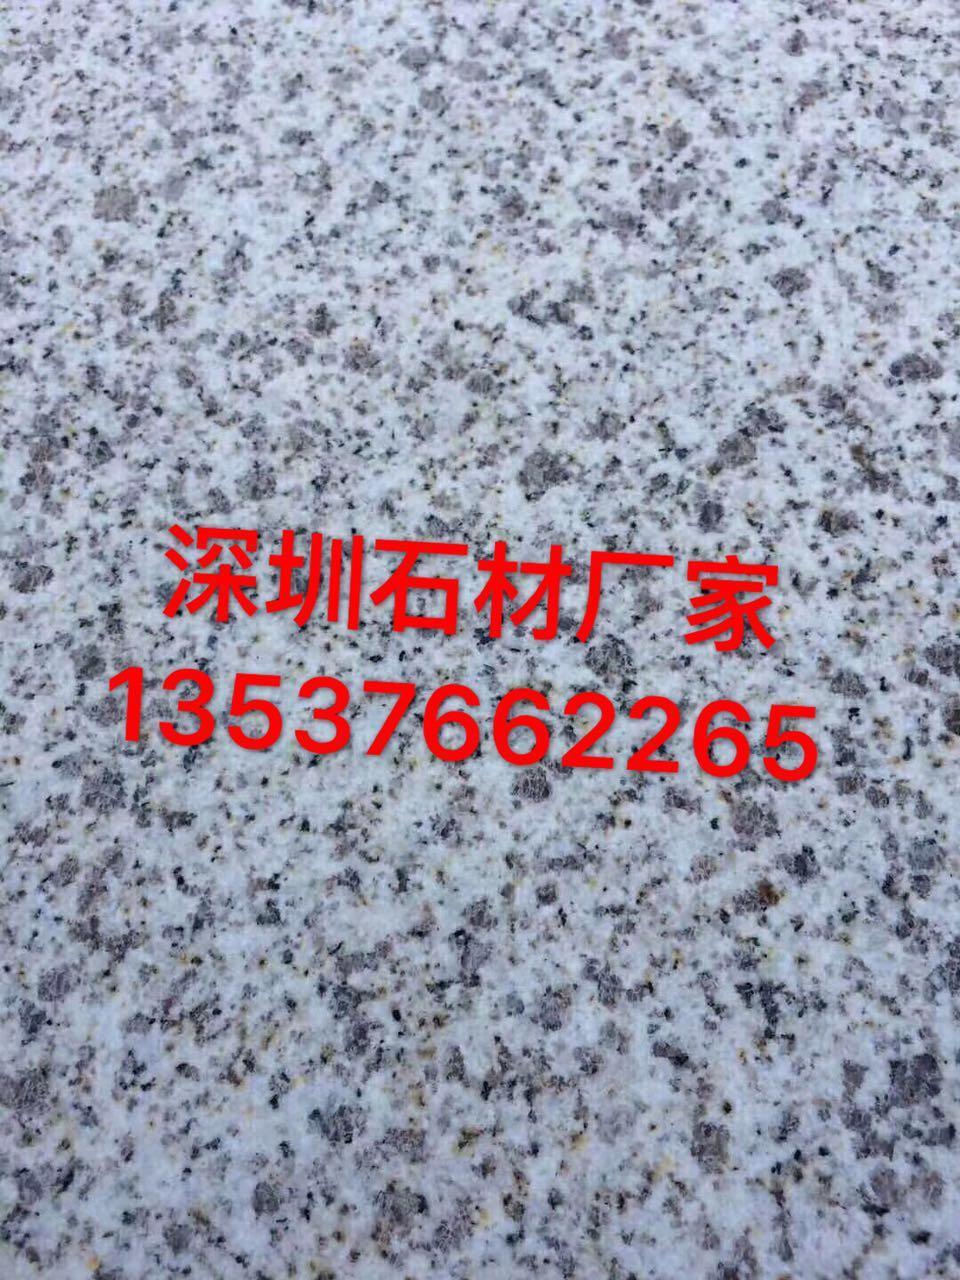 珠海大理石价格_大理石批发_大理石生产厂家- 2